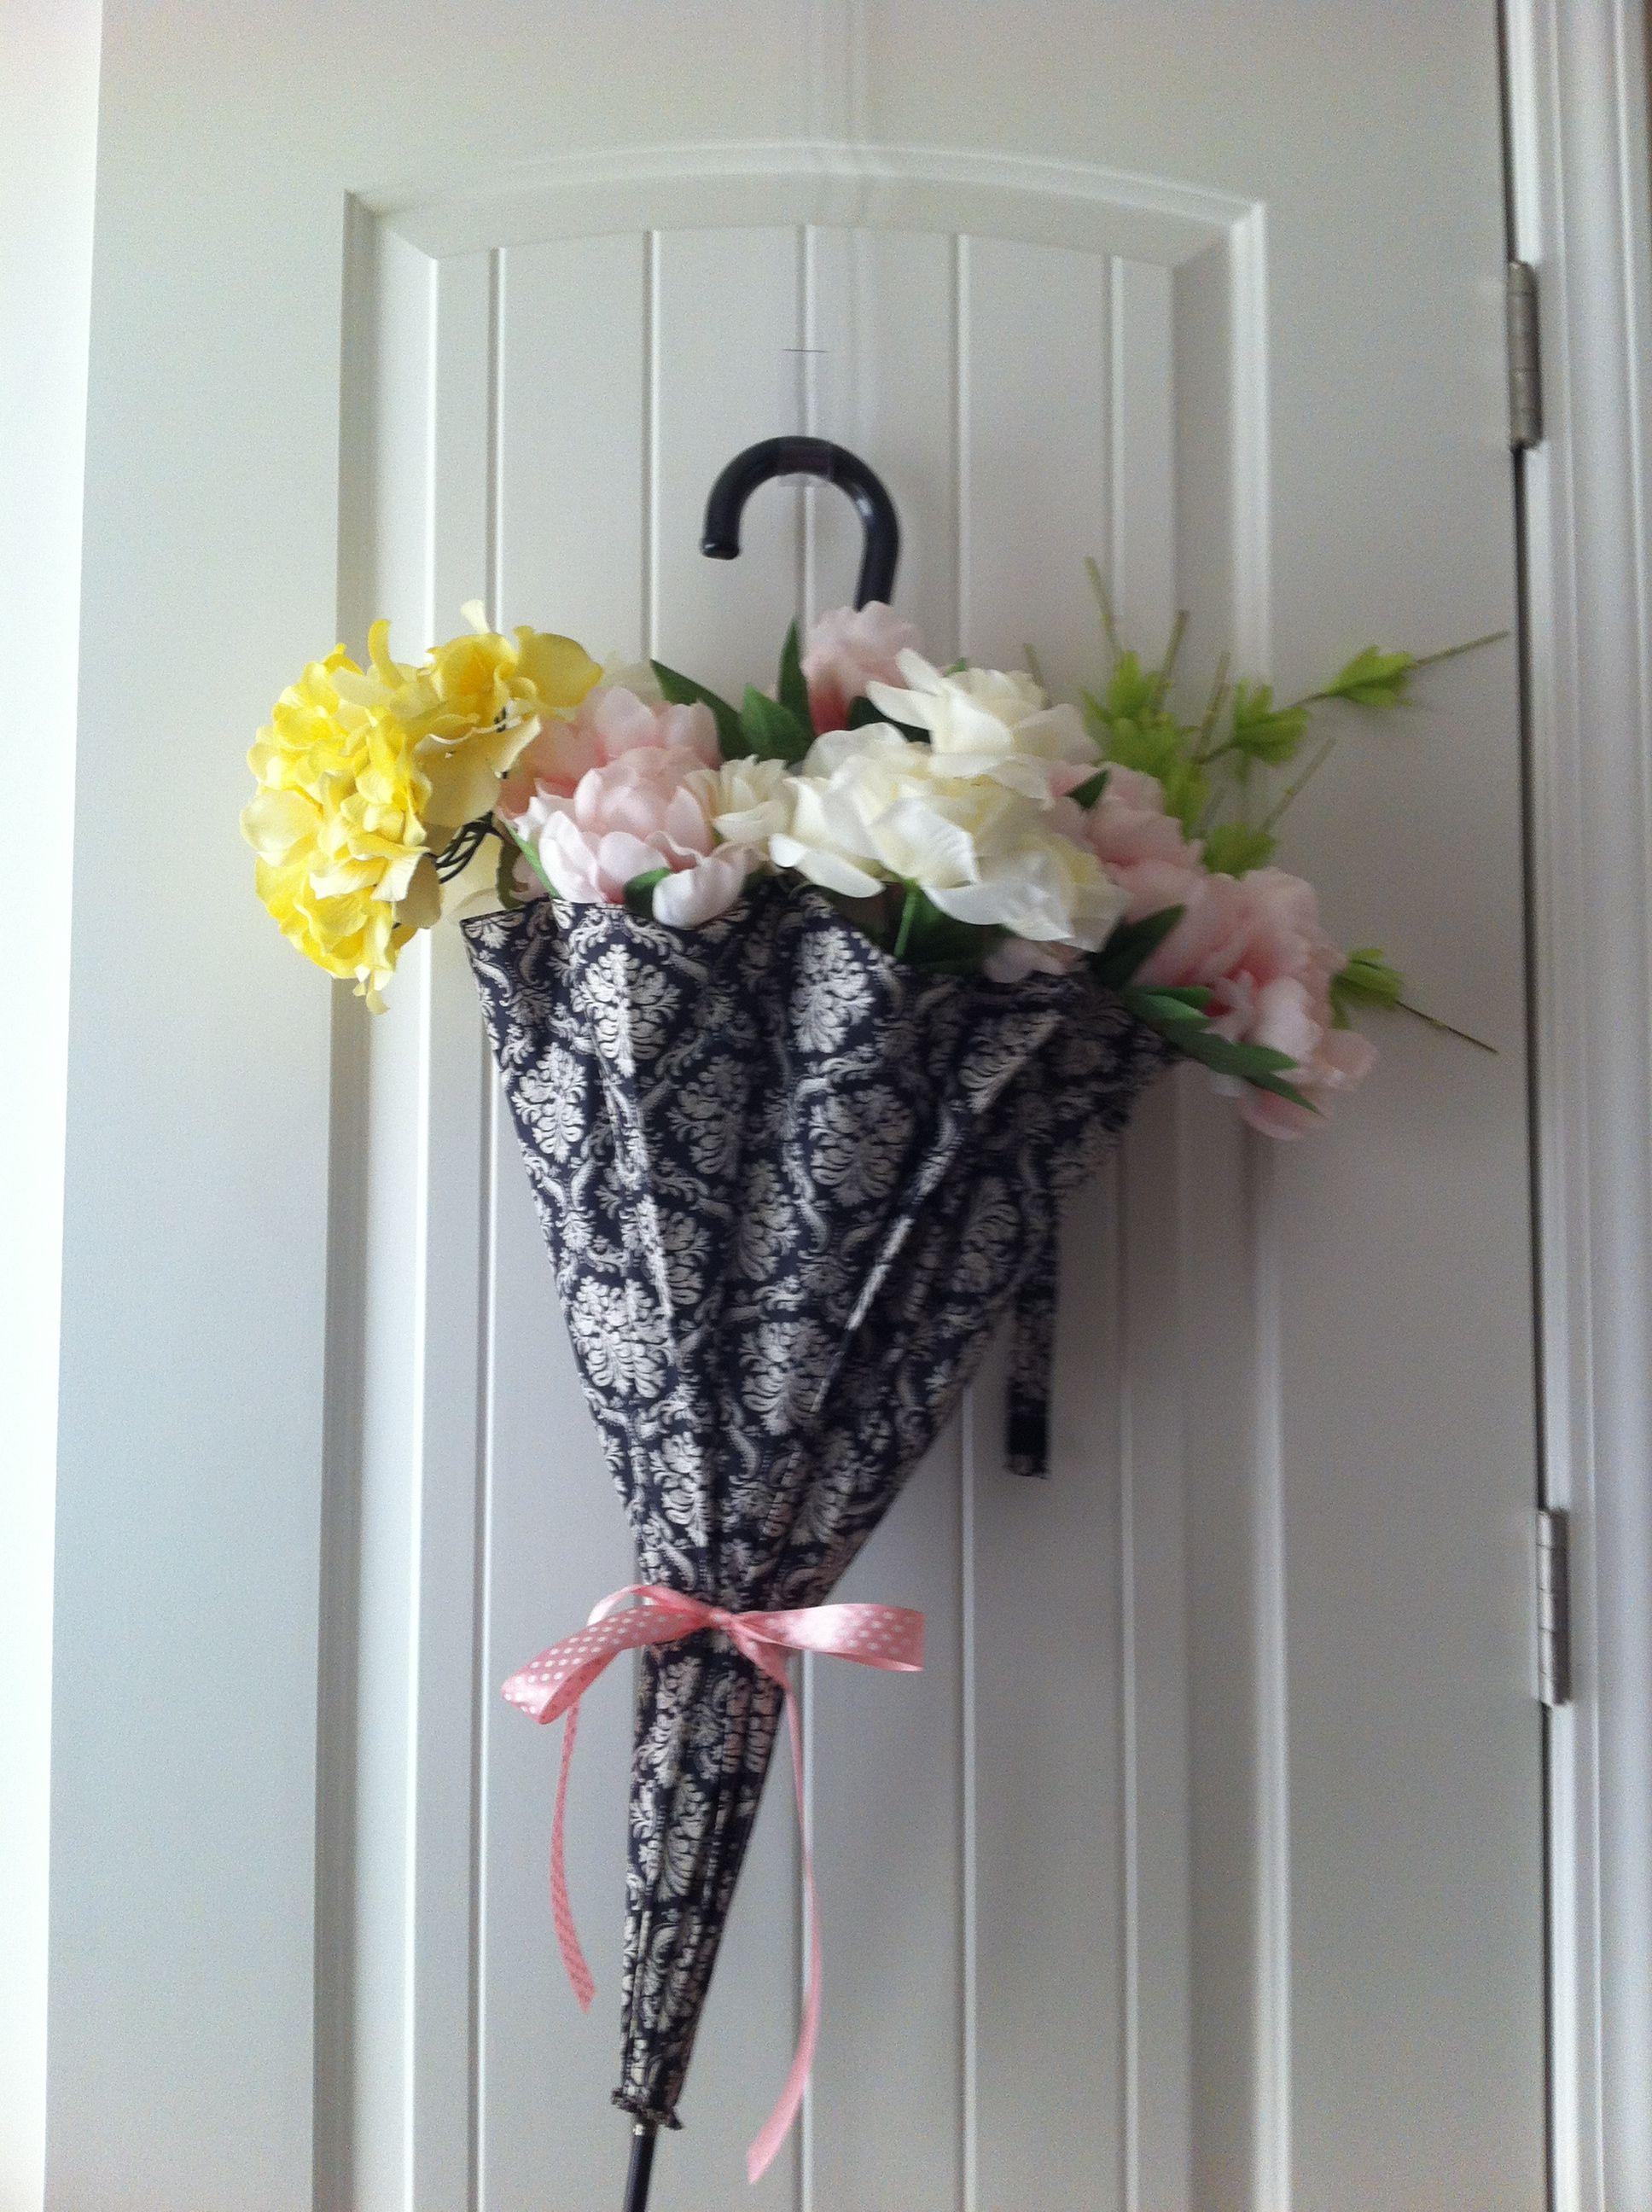 Umbrella Flower Arrangement For Front Door At Baby Shower Finished